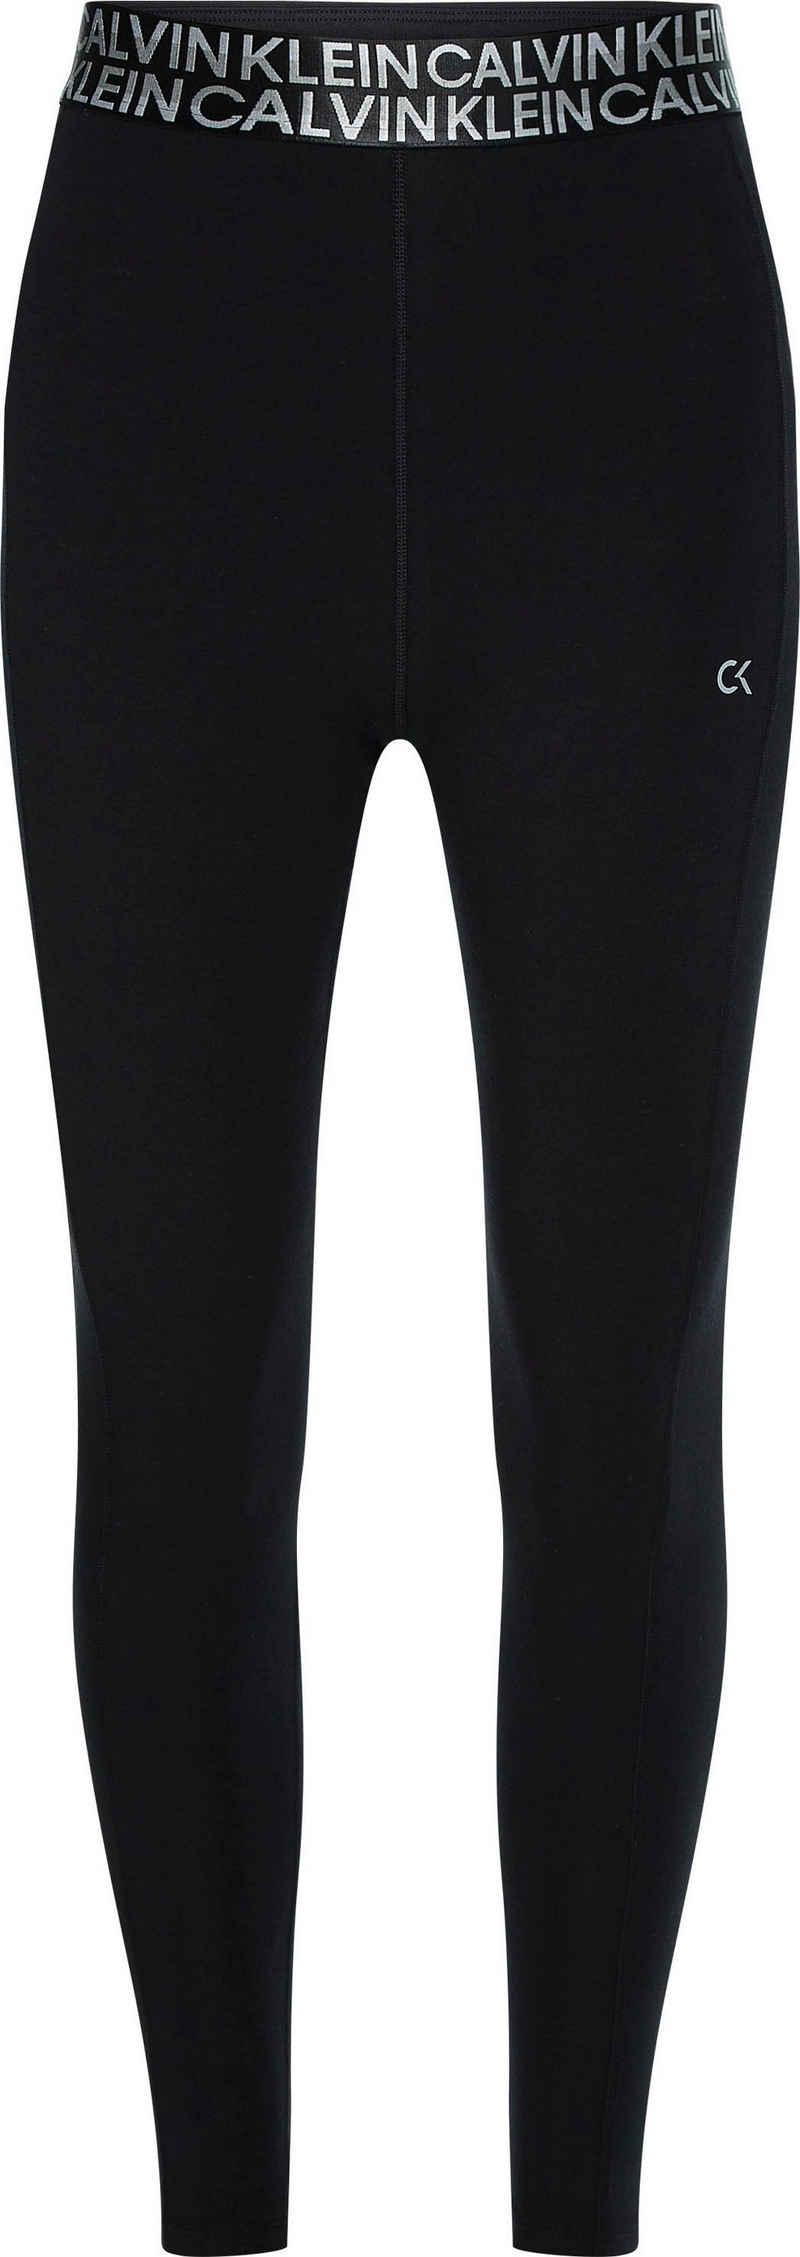 Calvin Klein Performance Leggings »PW - Tight (Full Length)« mit Calvin Klein Elastiktape in der Taille